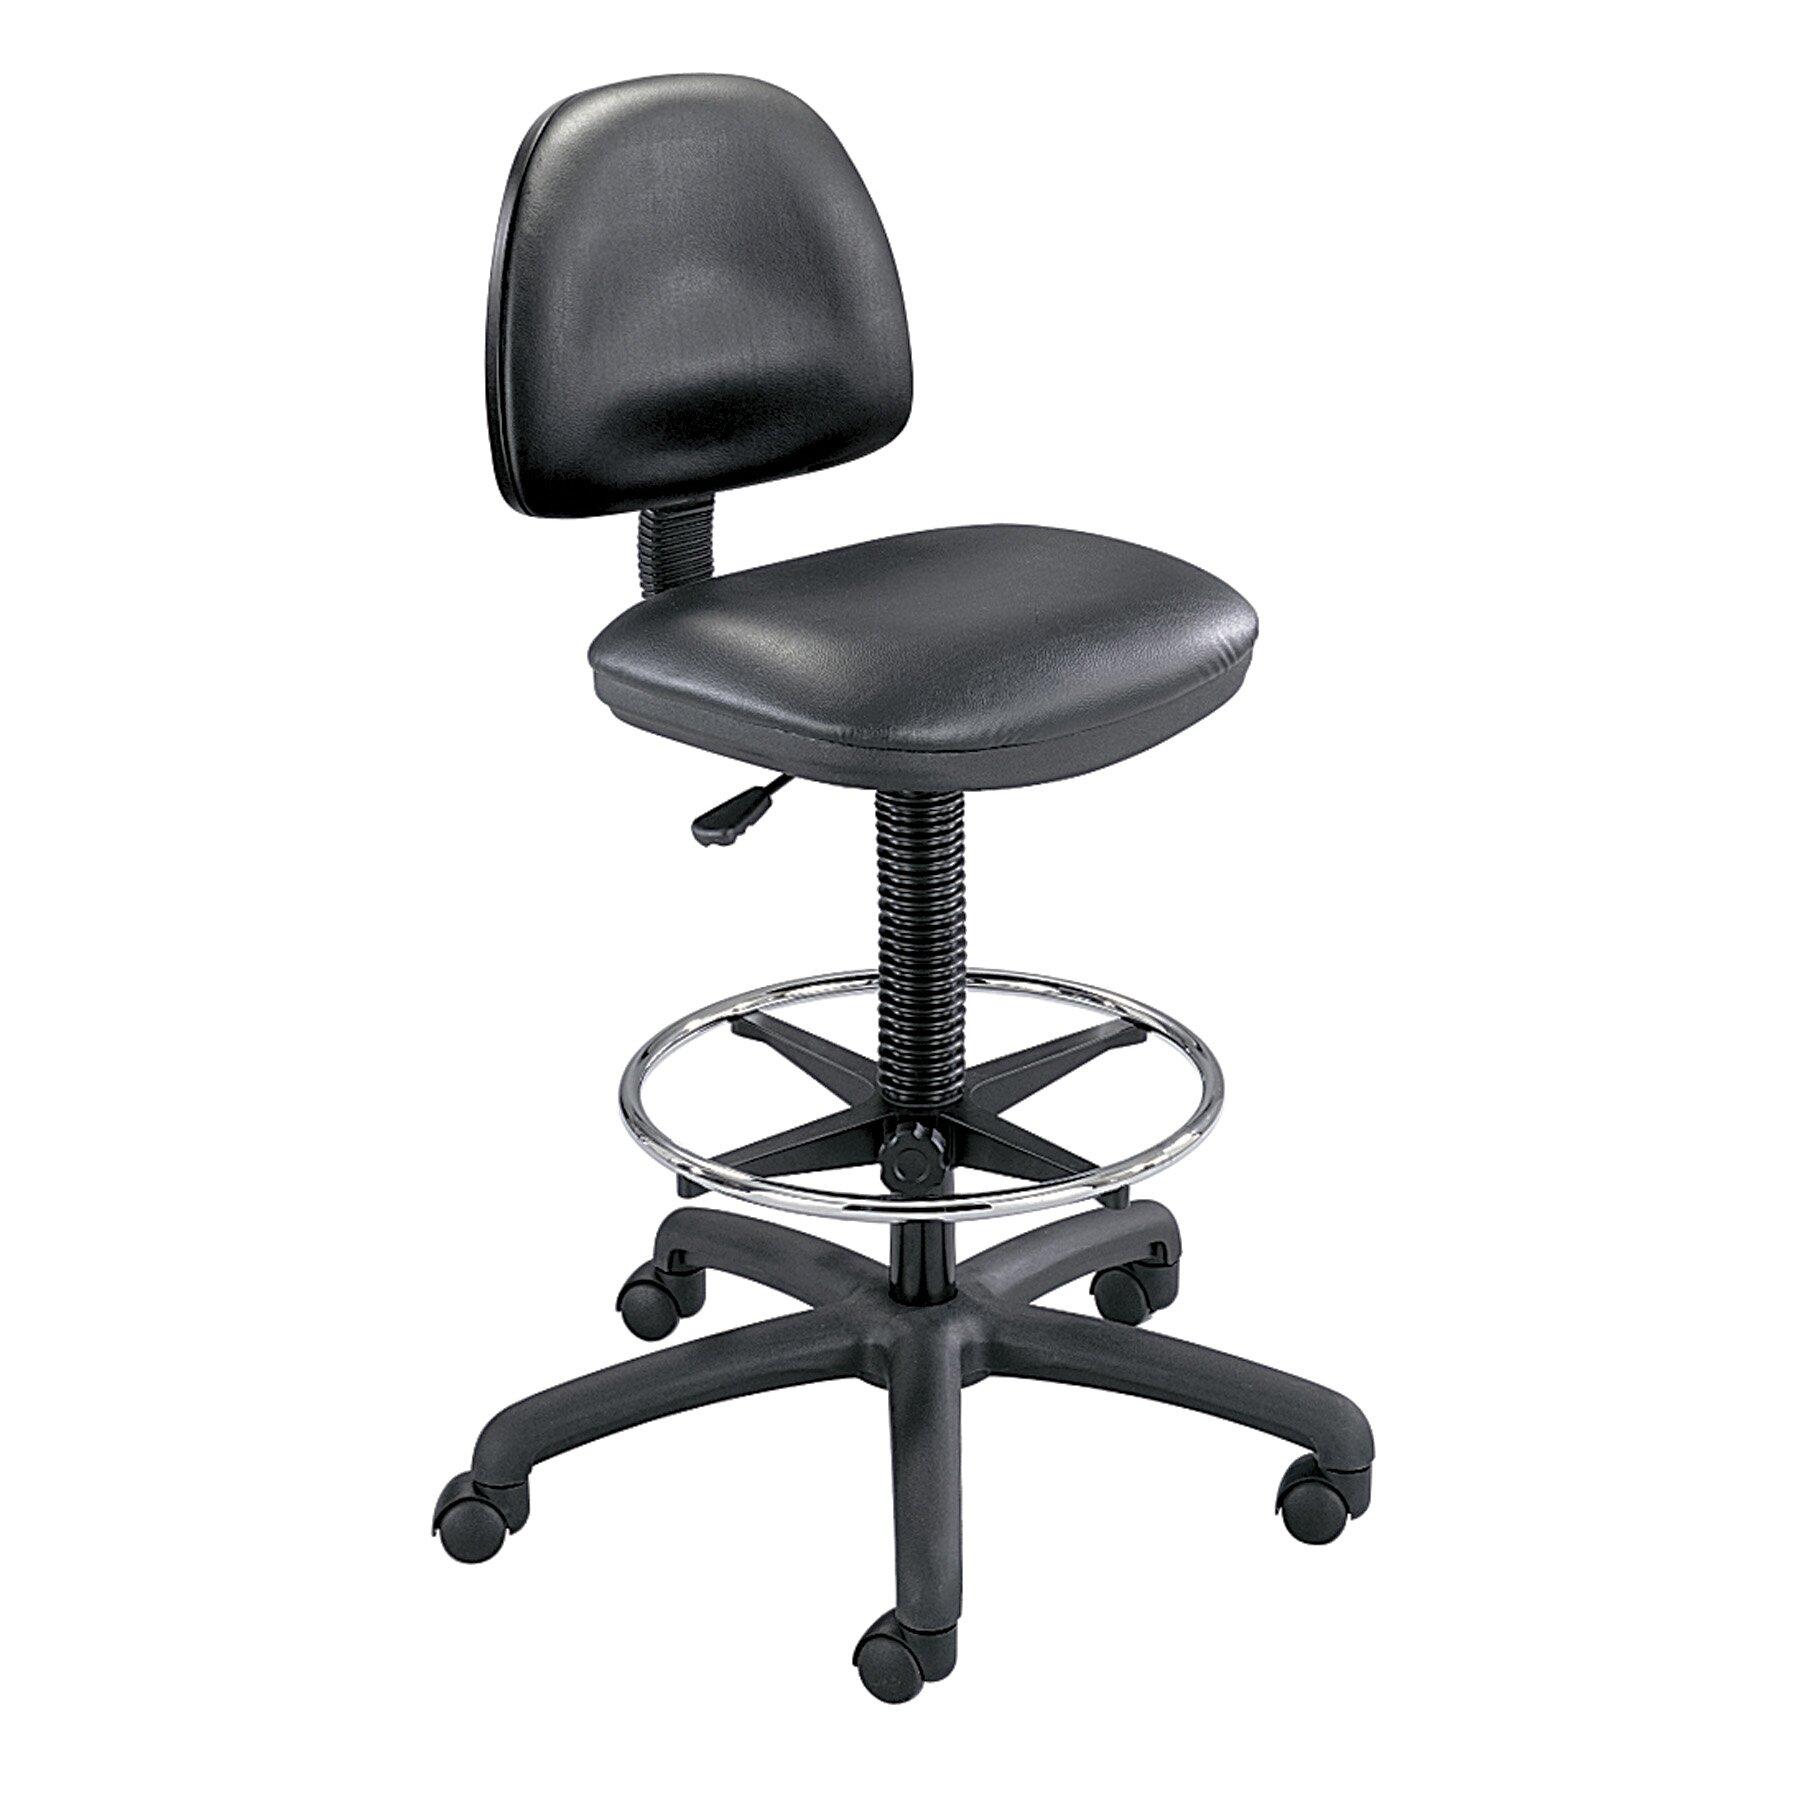 modern drafting chair – High Drafting Chair